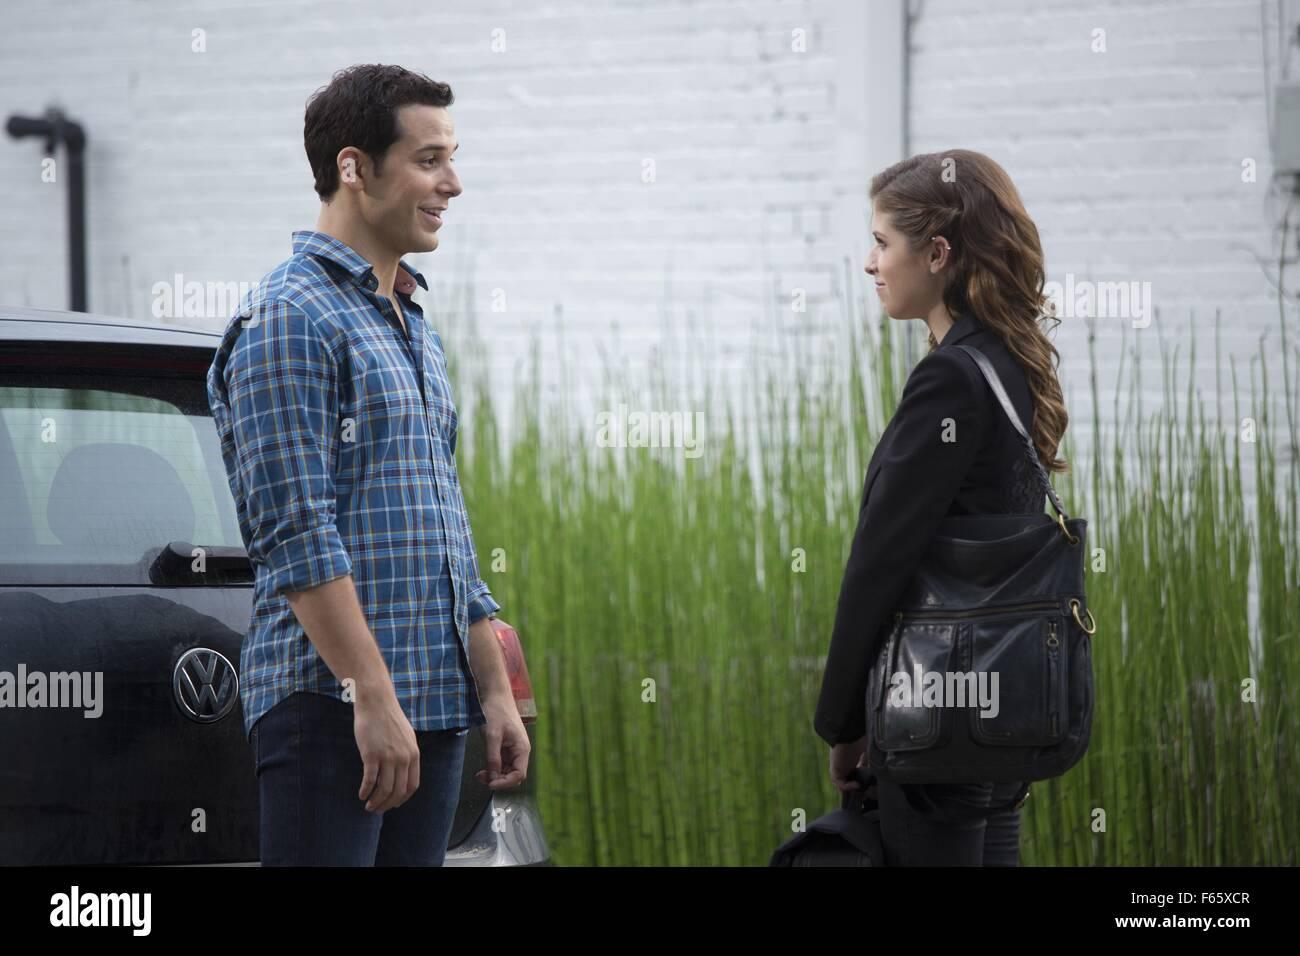 Pitch Perfect 2 Année: 2015 USA Réalisation: Elizabeth Banks Skylar Astin Banque D'Images